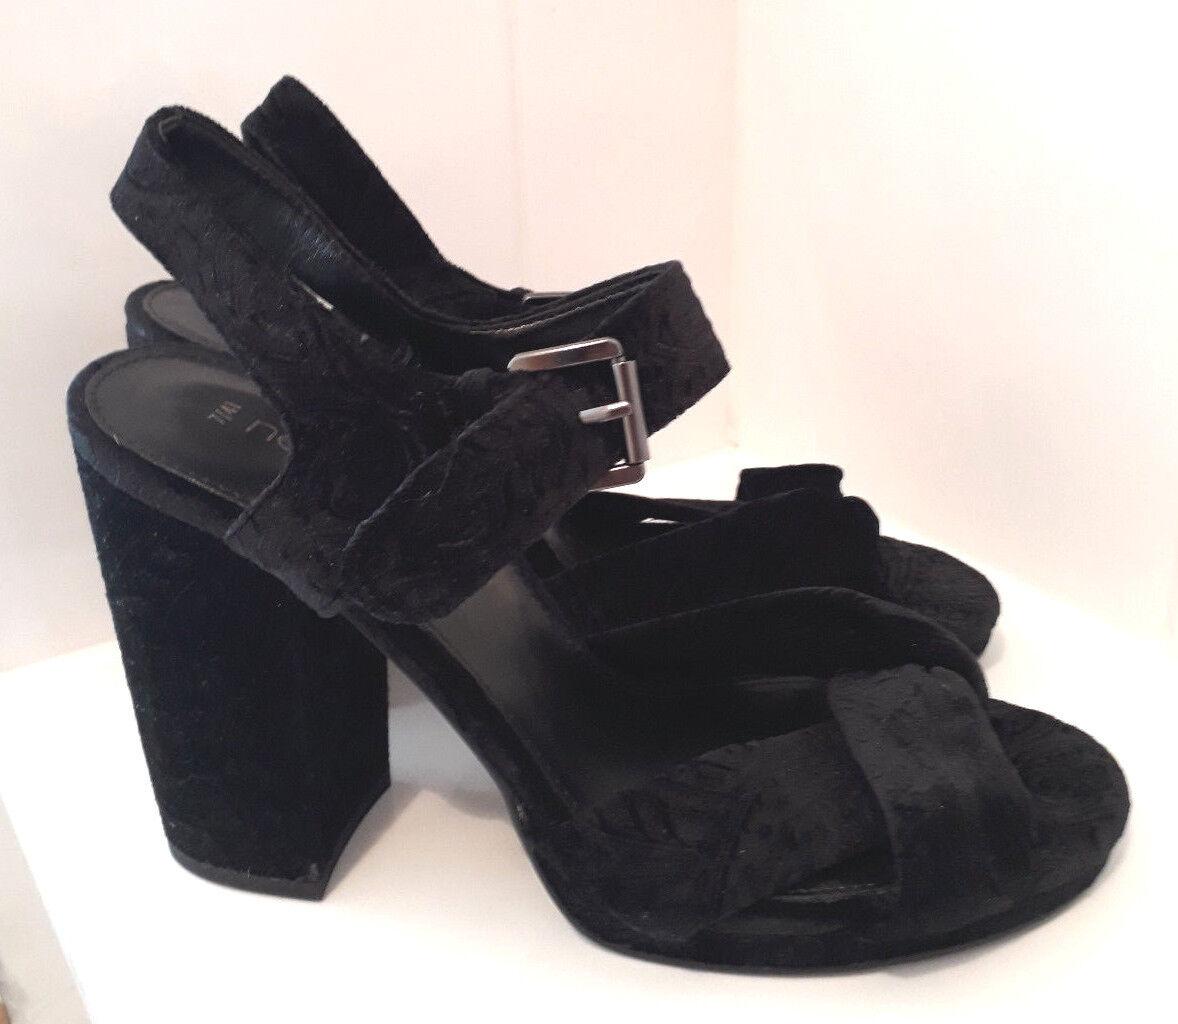 NEXT Black Embossed Velvet Chunky High Heel Party Sandals Sz  7  41 NEW RP